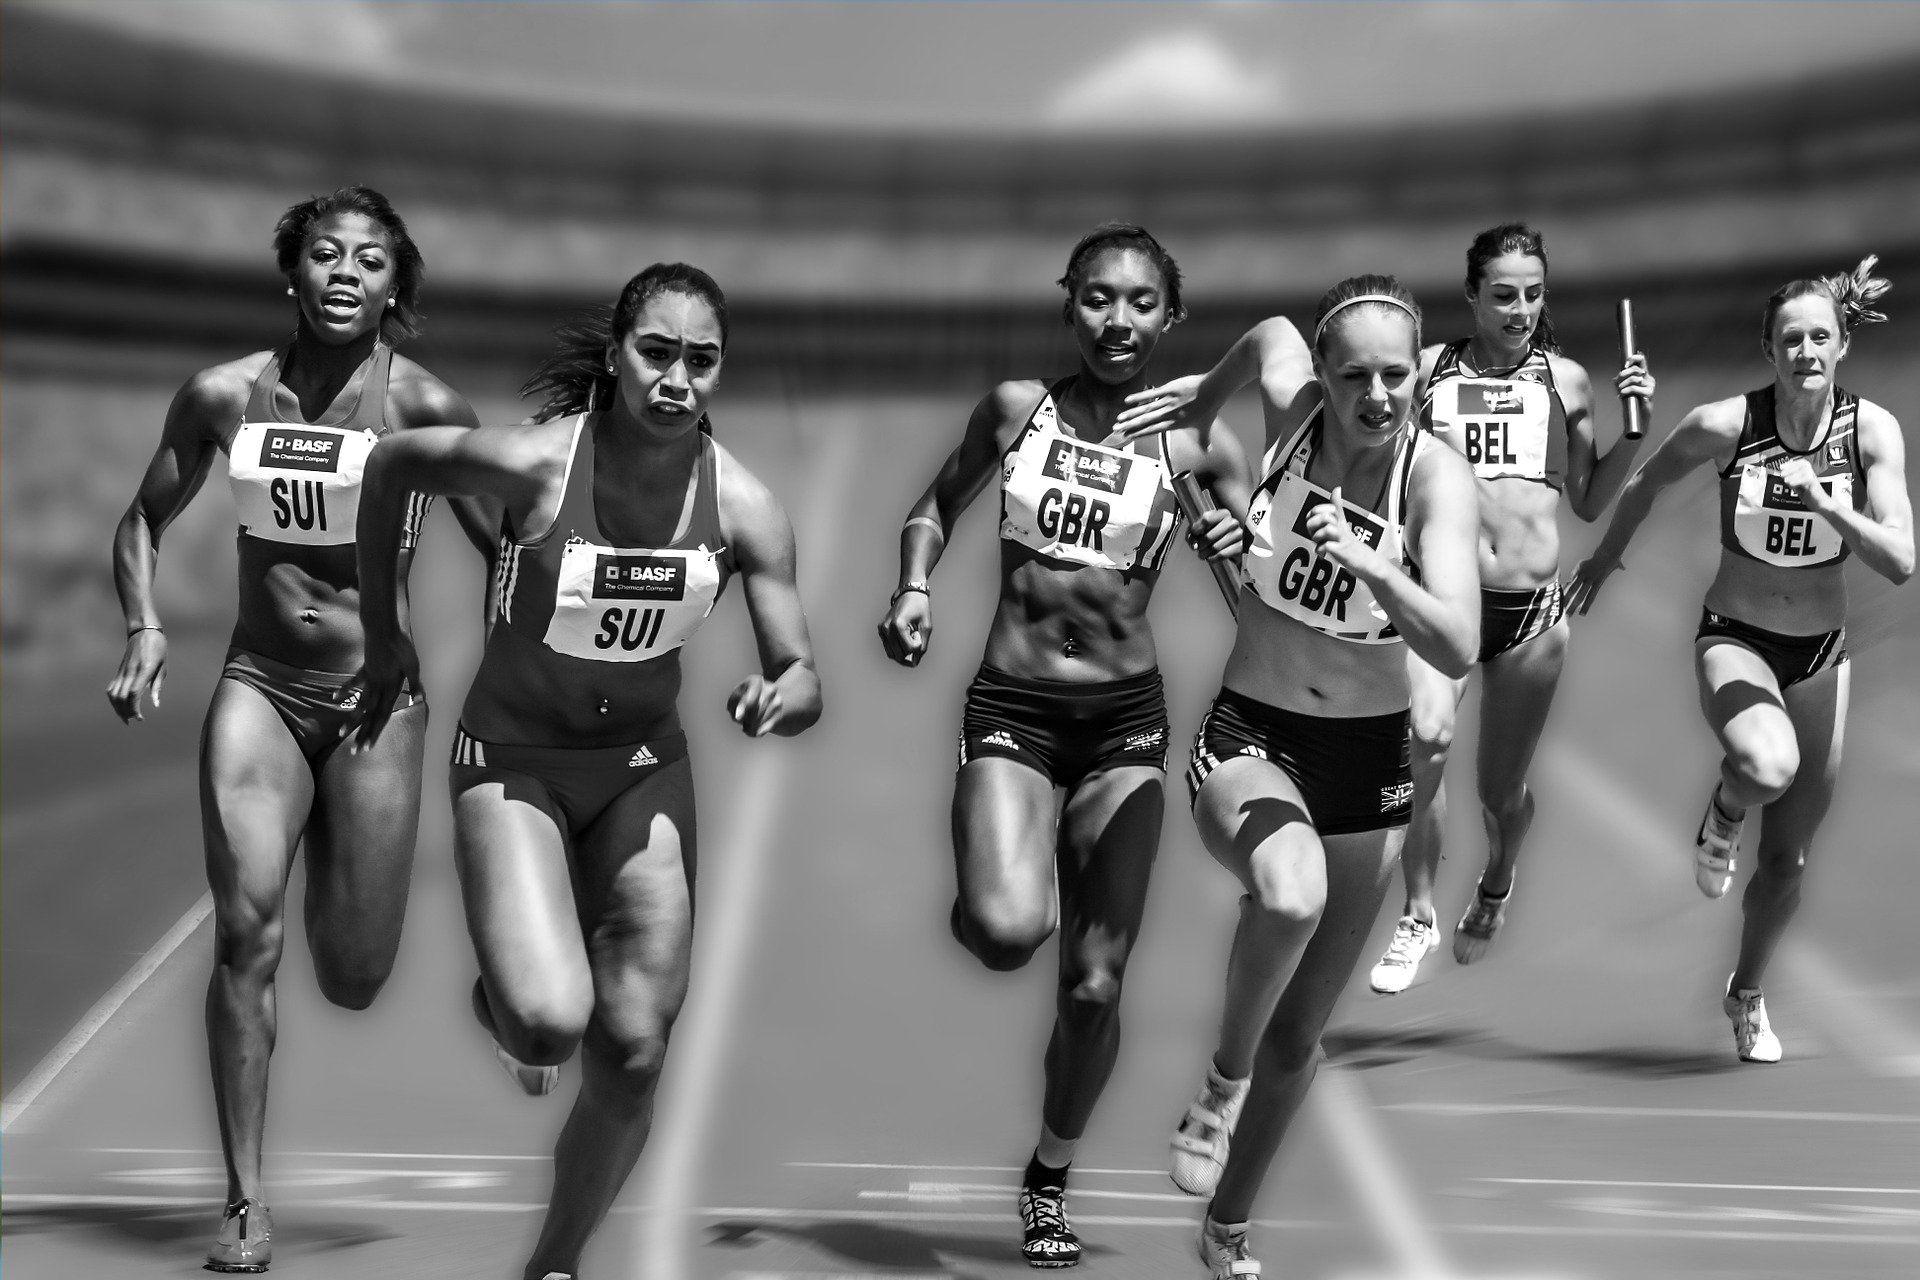 Sporthistoricus Jurryt weet alles over records in de sport